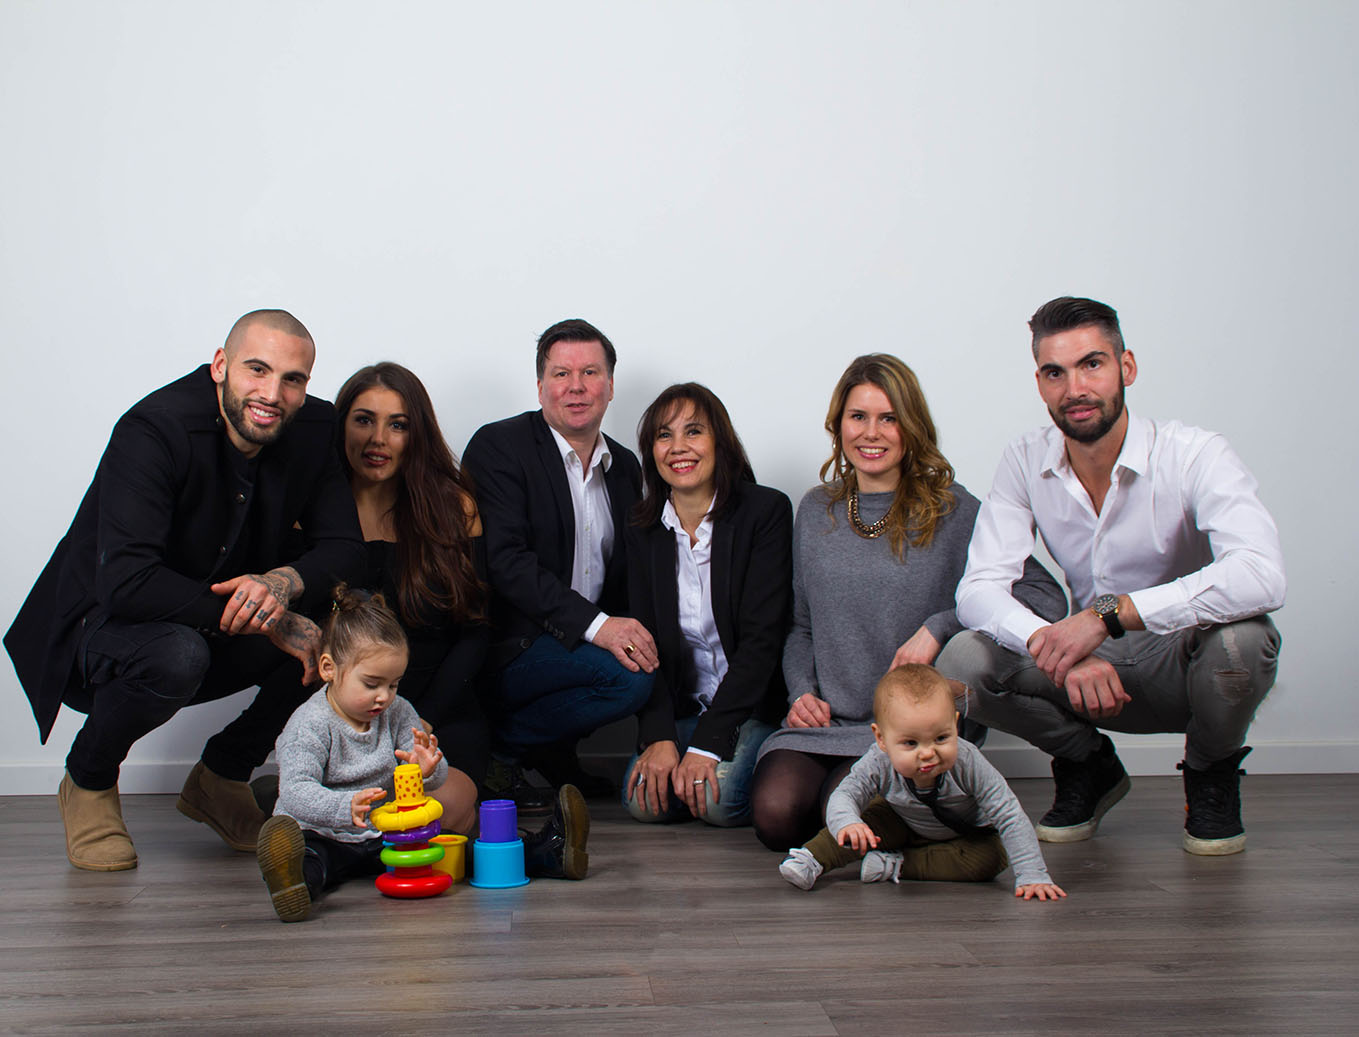 Familie fotoshoot Deventer